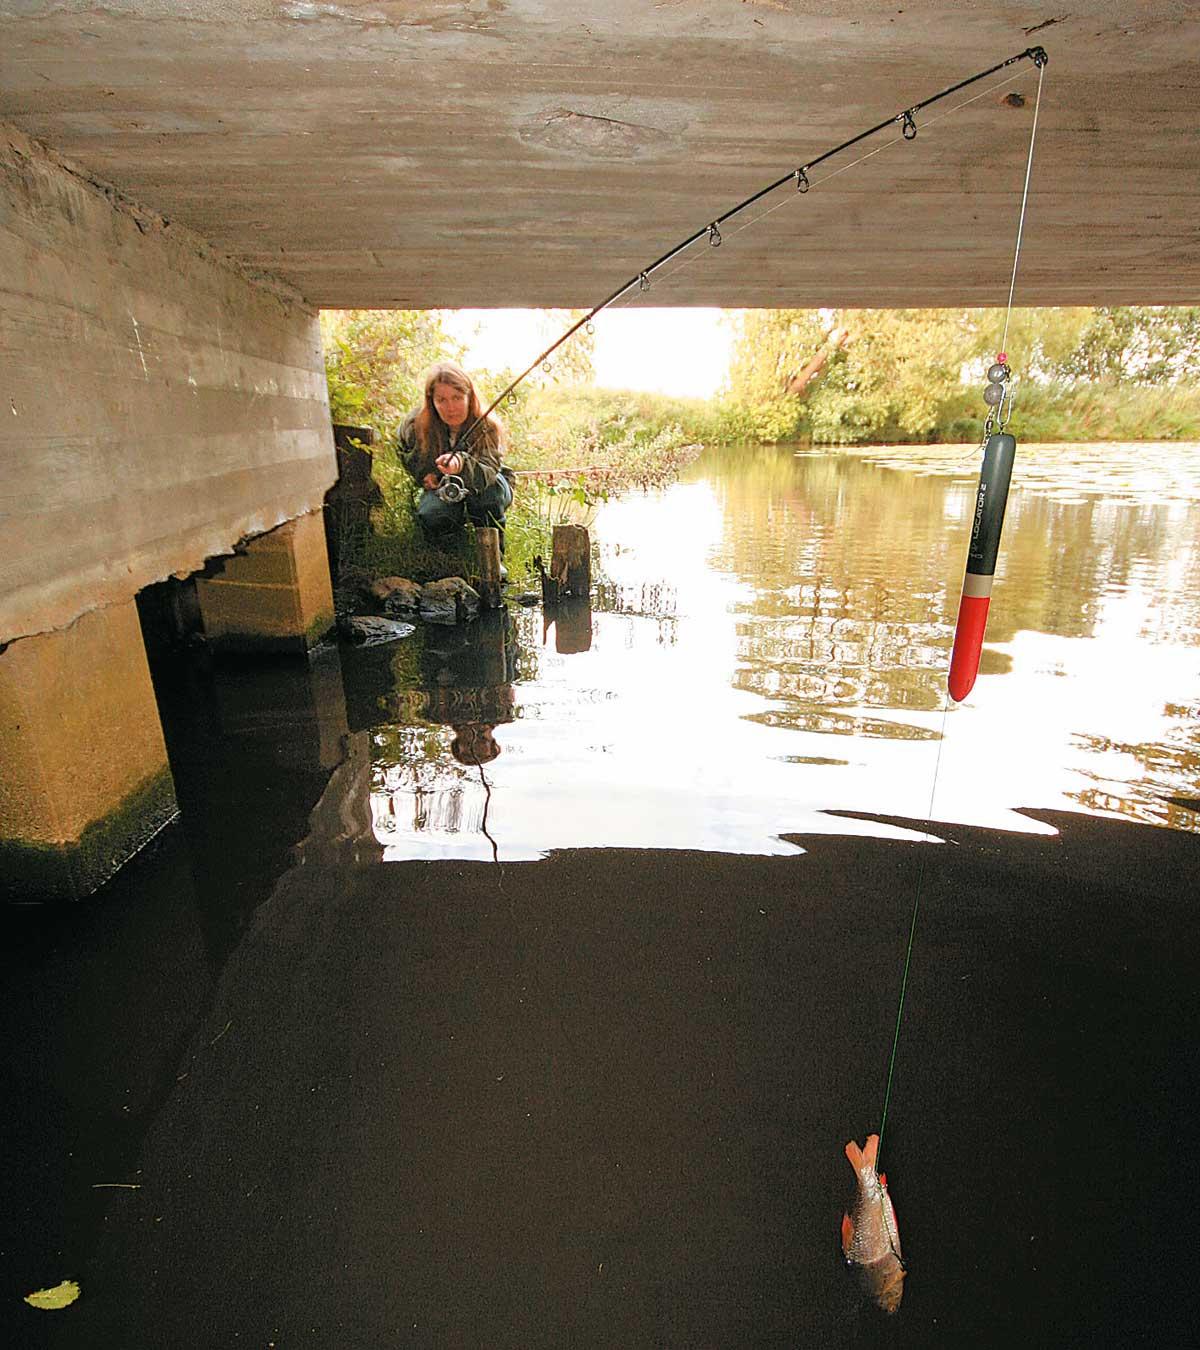 Matzes Frau Moni zeigt, wie es geht: Mit einer langen Rute serviert sie den Köderfisch unter einer niedrigen Brücke.